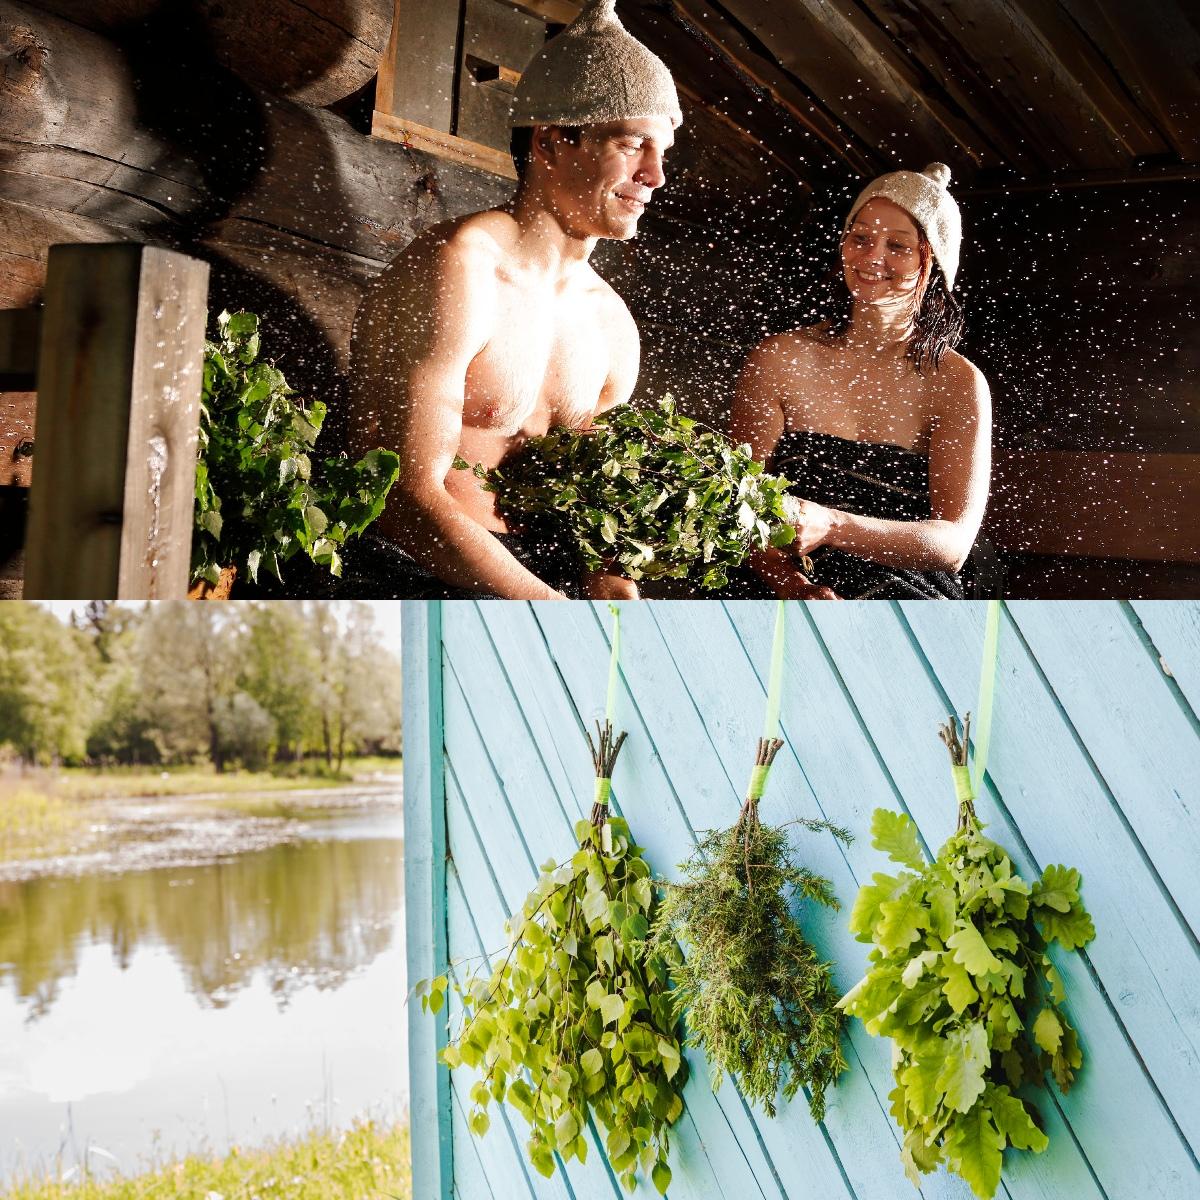 1年中サウナを楽しむフィンランドの人々にとっても、太陽の季節、白樺の香りに包まれながらのサウナは、格別な心地よさ|バスルームがフィンランドの森になる、「白樺の若葉」と「森の土」の香りのボディーソープ|OSMIA(オスミア)